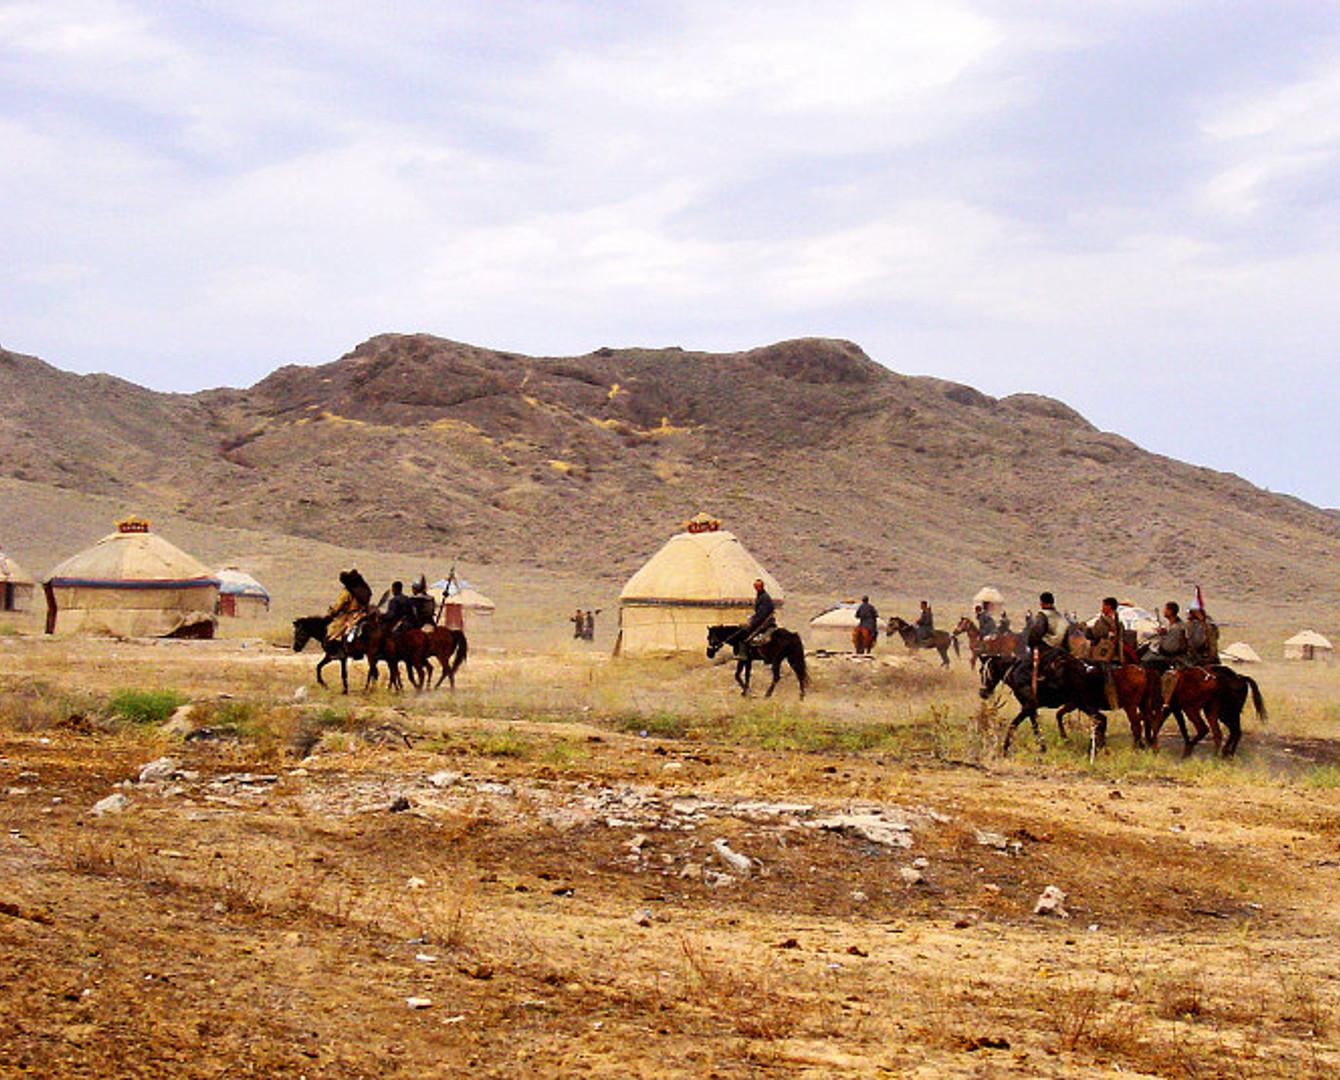 Моңғолияда көшпелі қазақтардың қыстауын видеоға түсірді